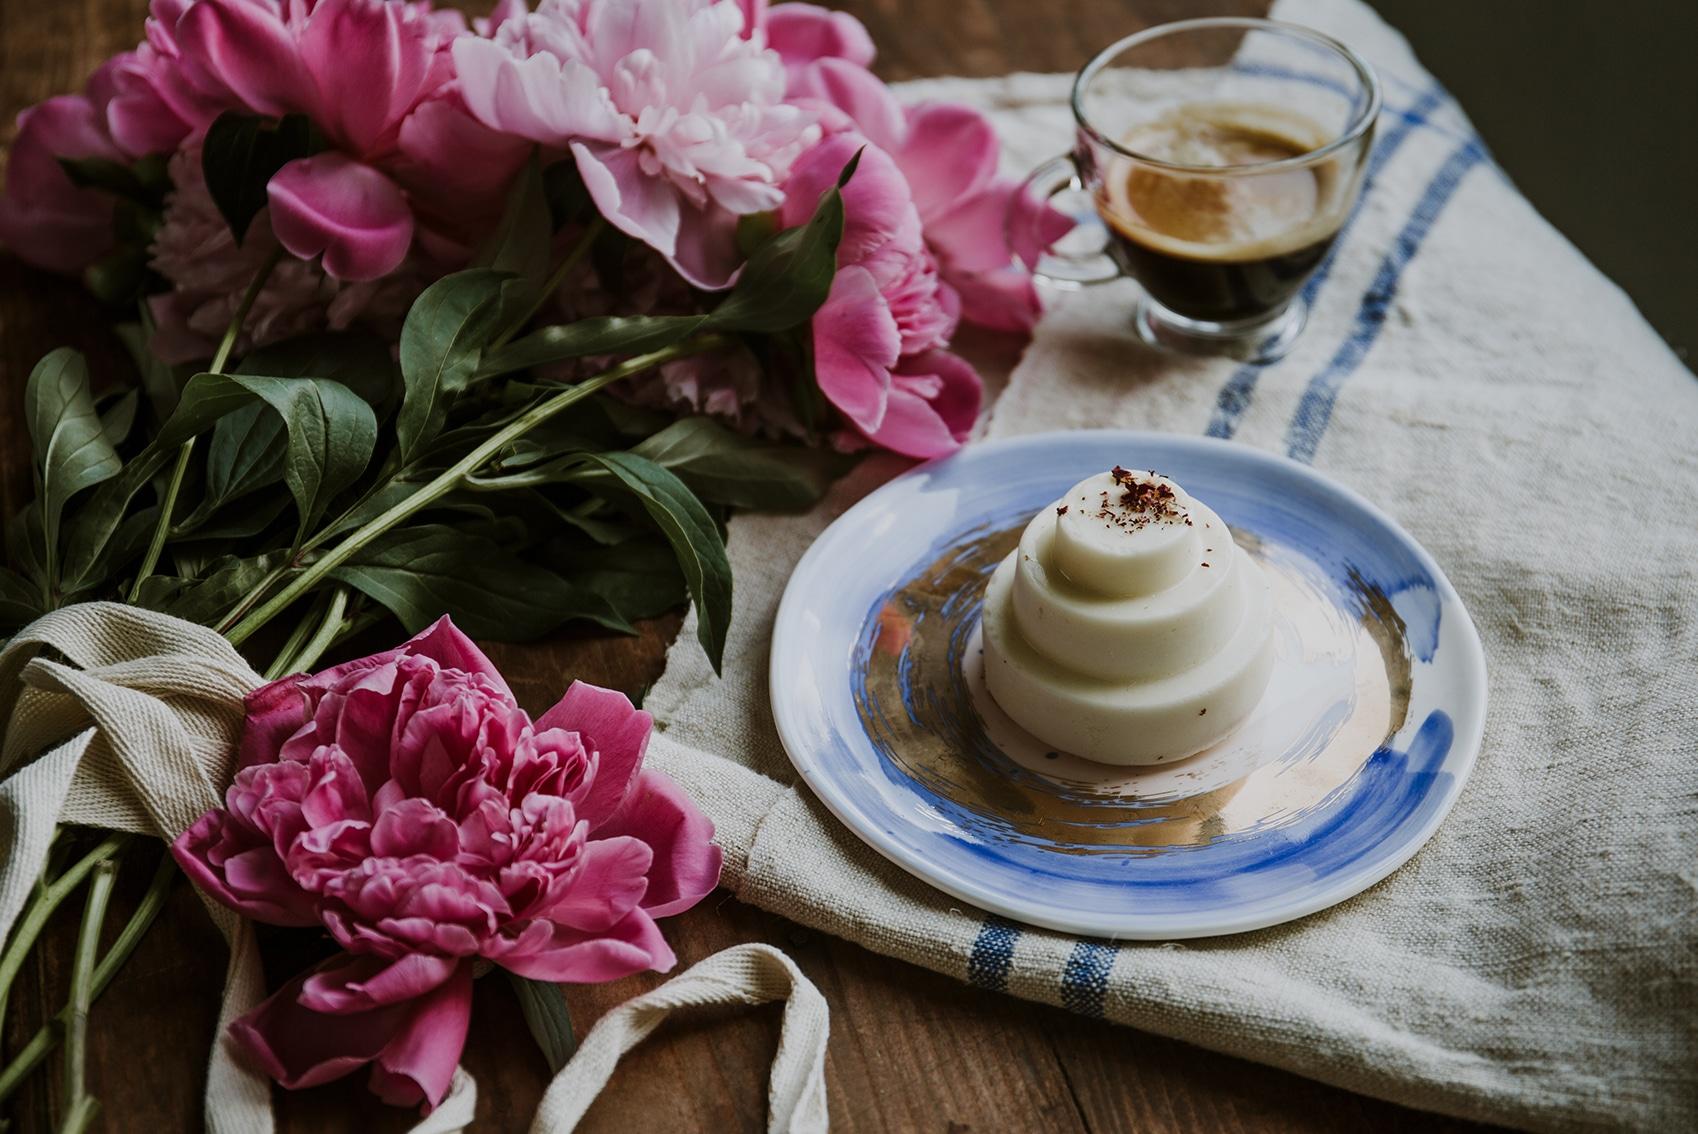 cafecake1 - Home